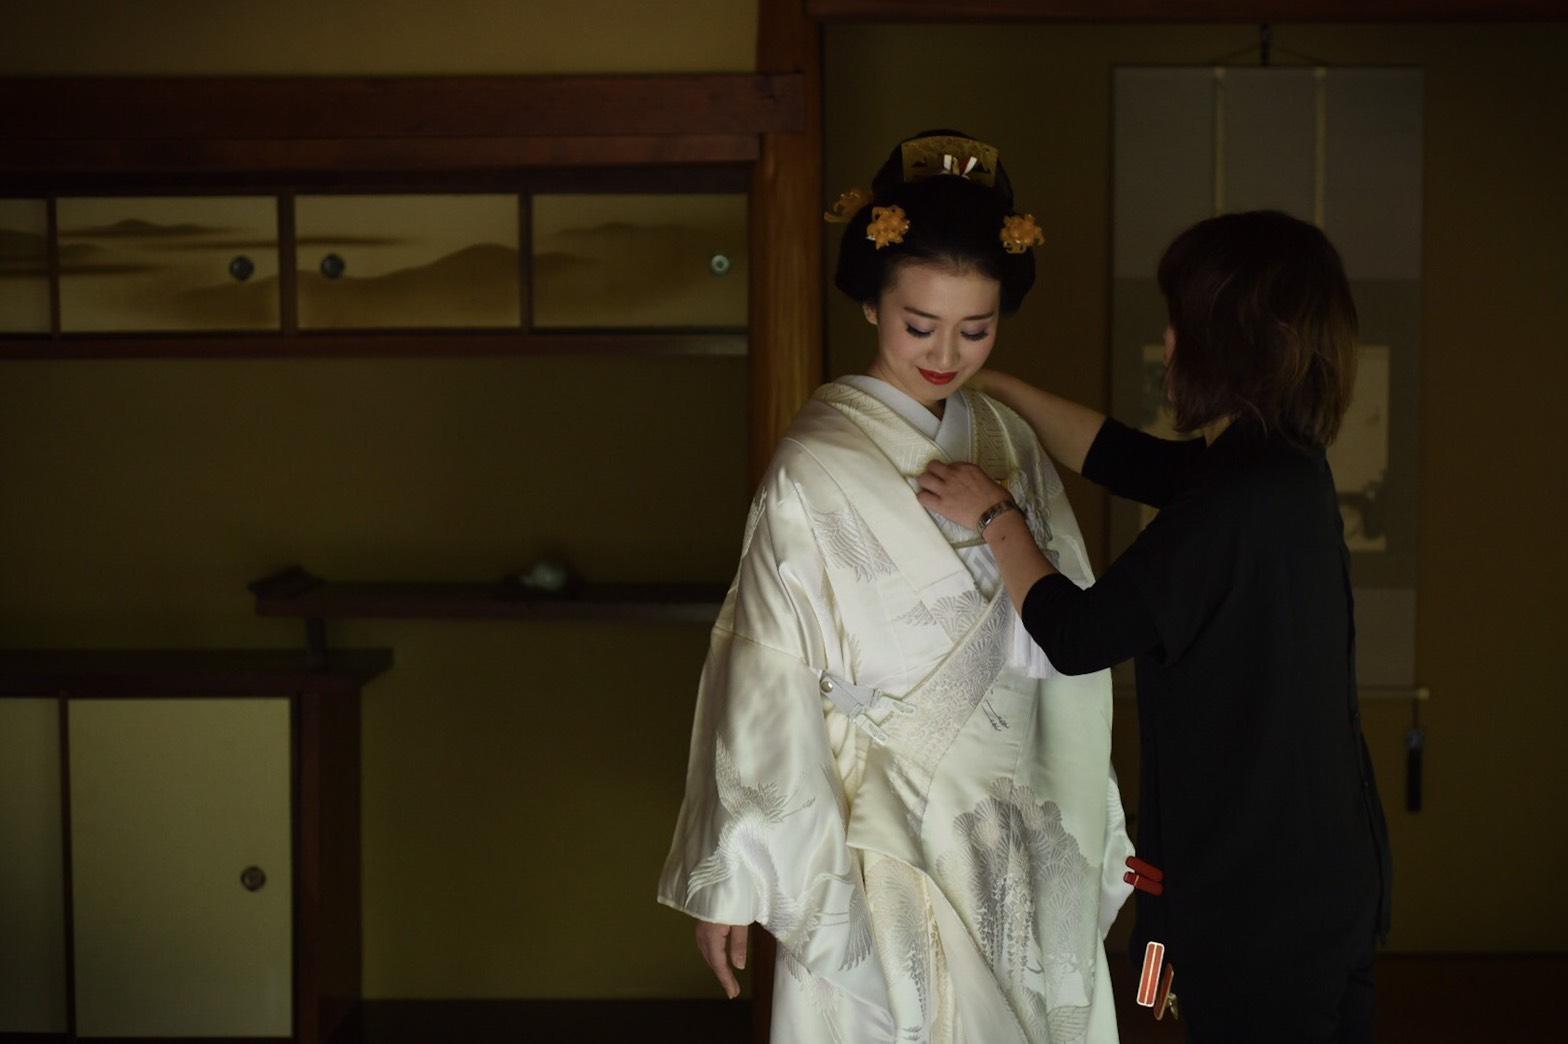 祝言屋の花嫁